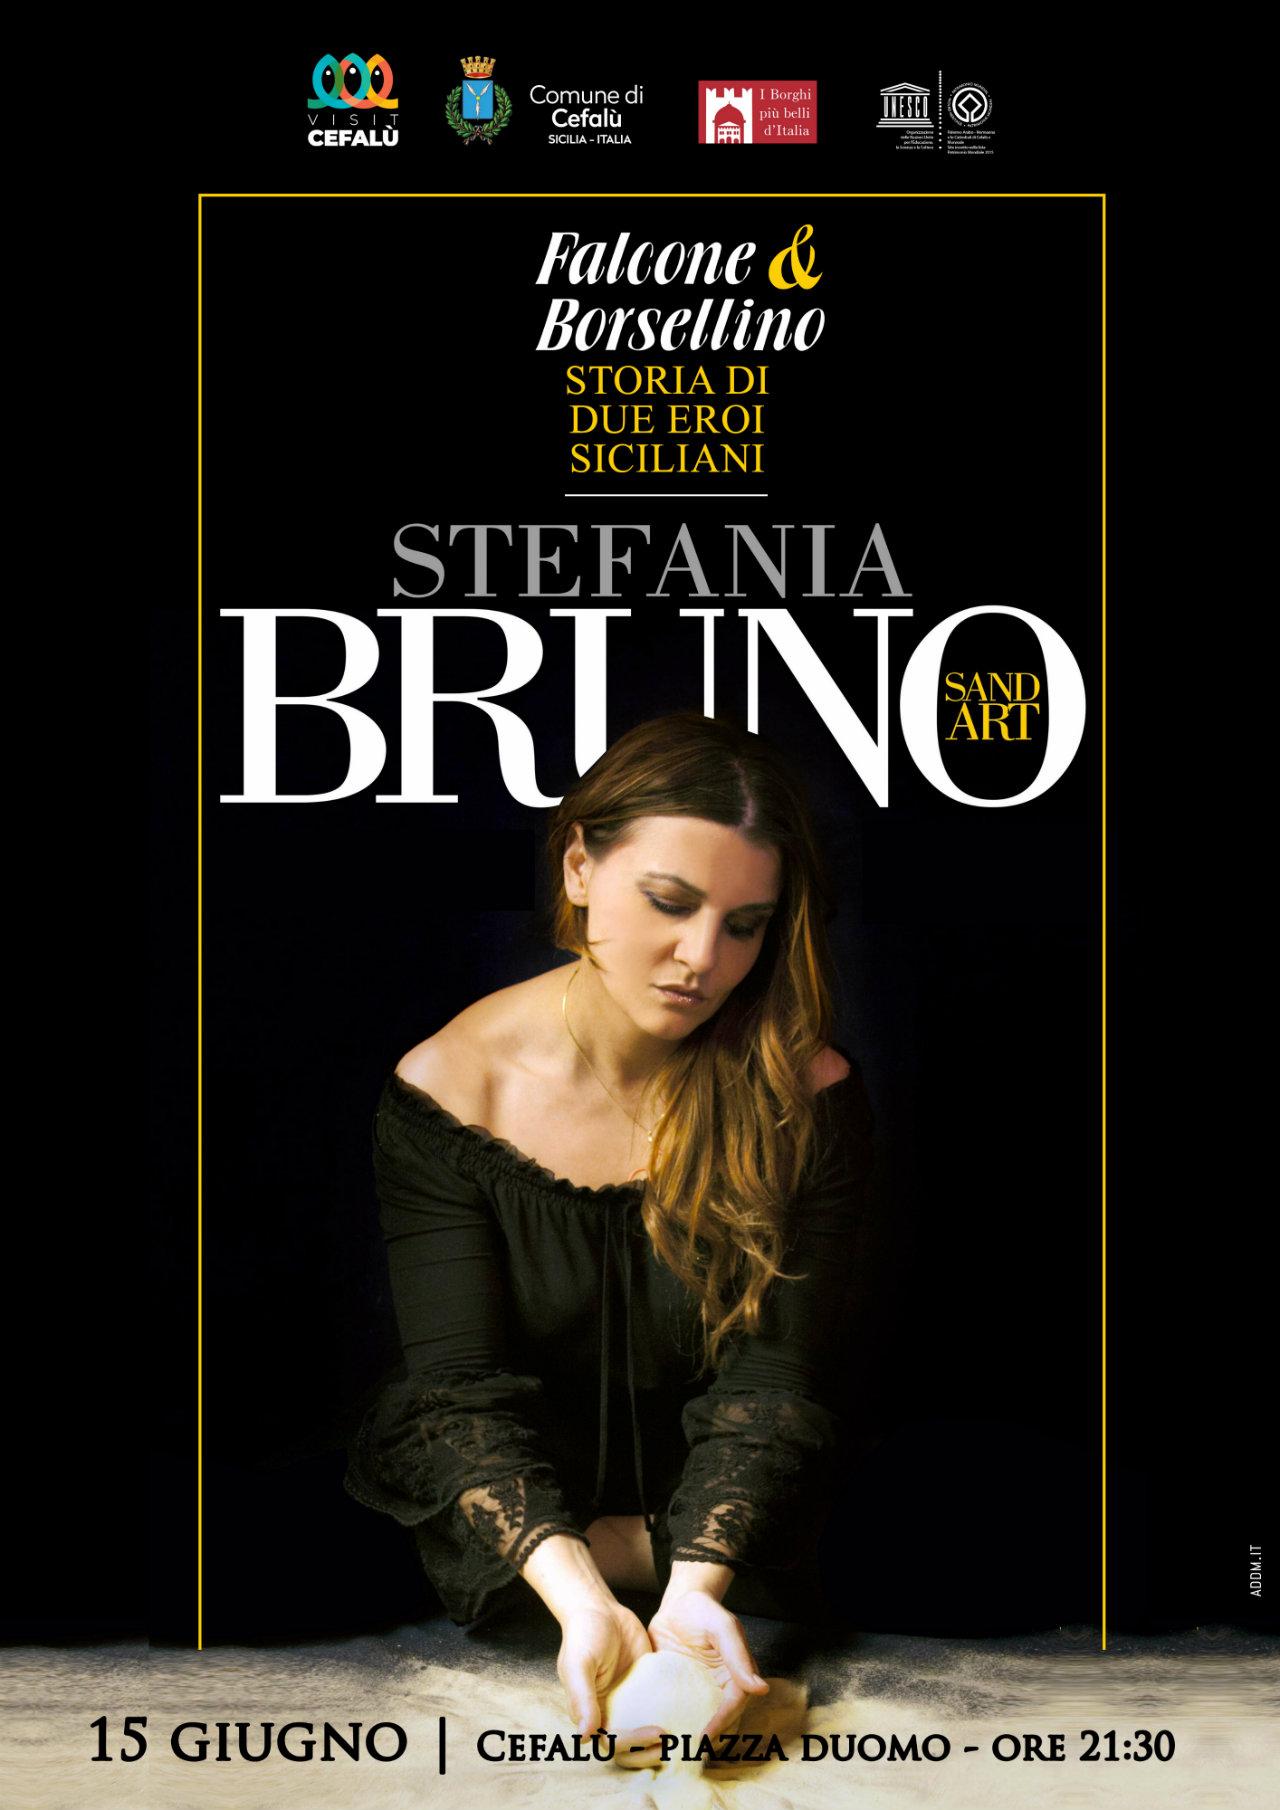 Stefania Bruno omaggio a falcone borsellino